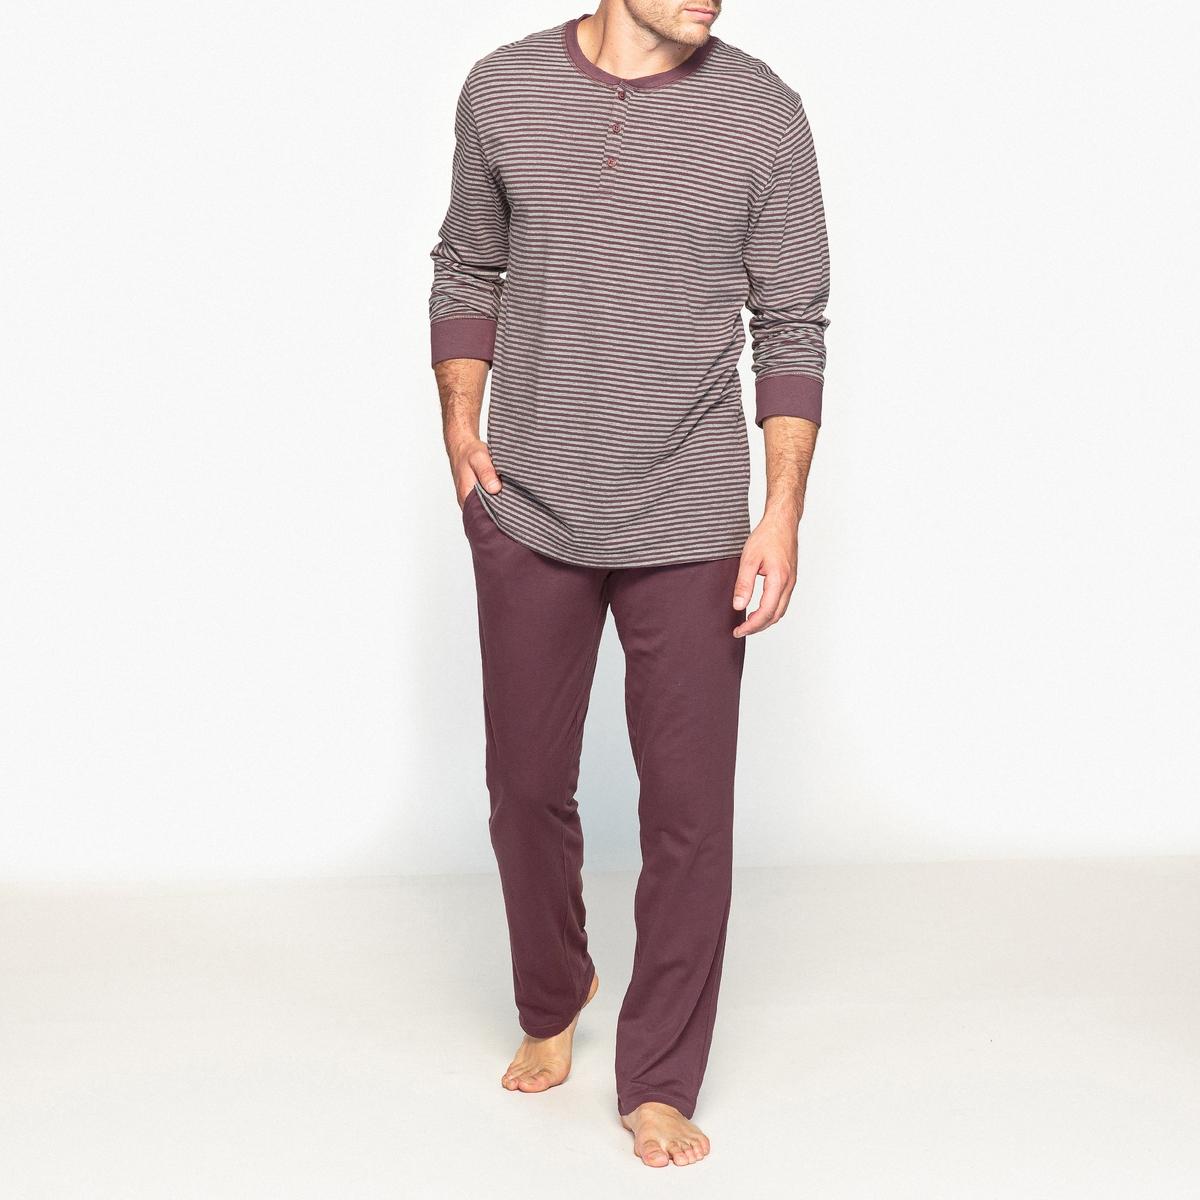 Пижама с футболкой с длинными рукавами и круглым вырезом с разрезом спереди solo1 с